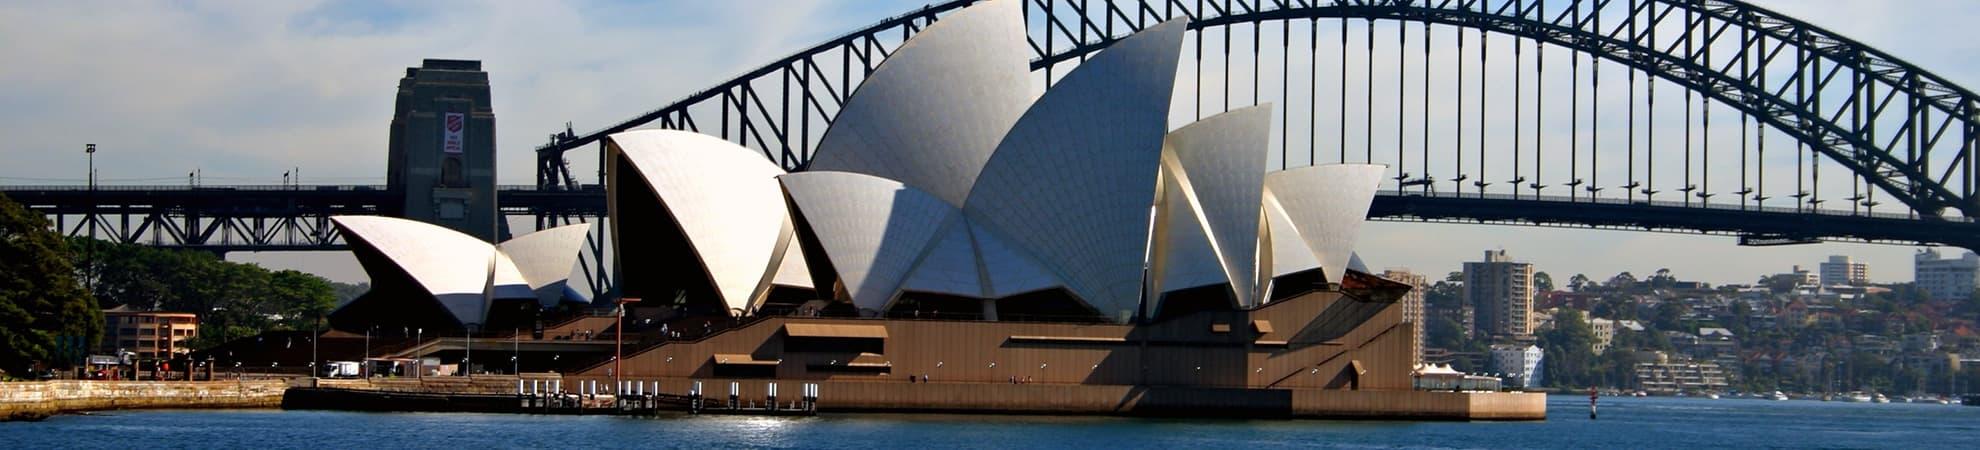 Voyage Sydney